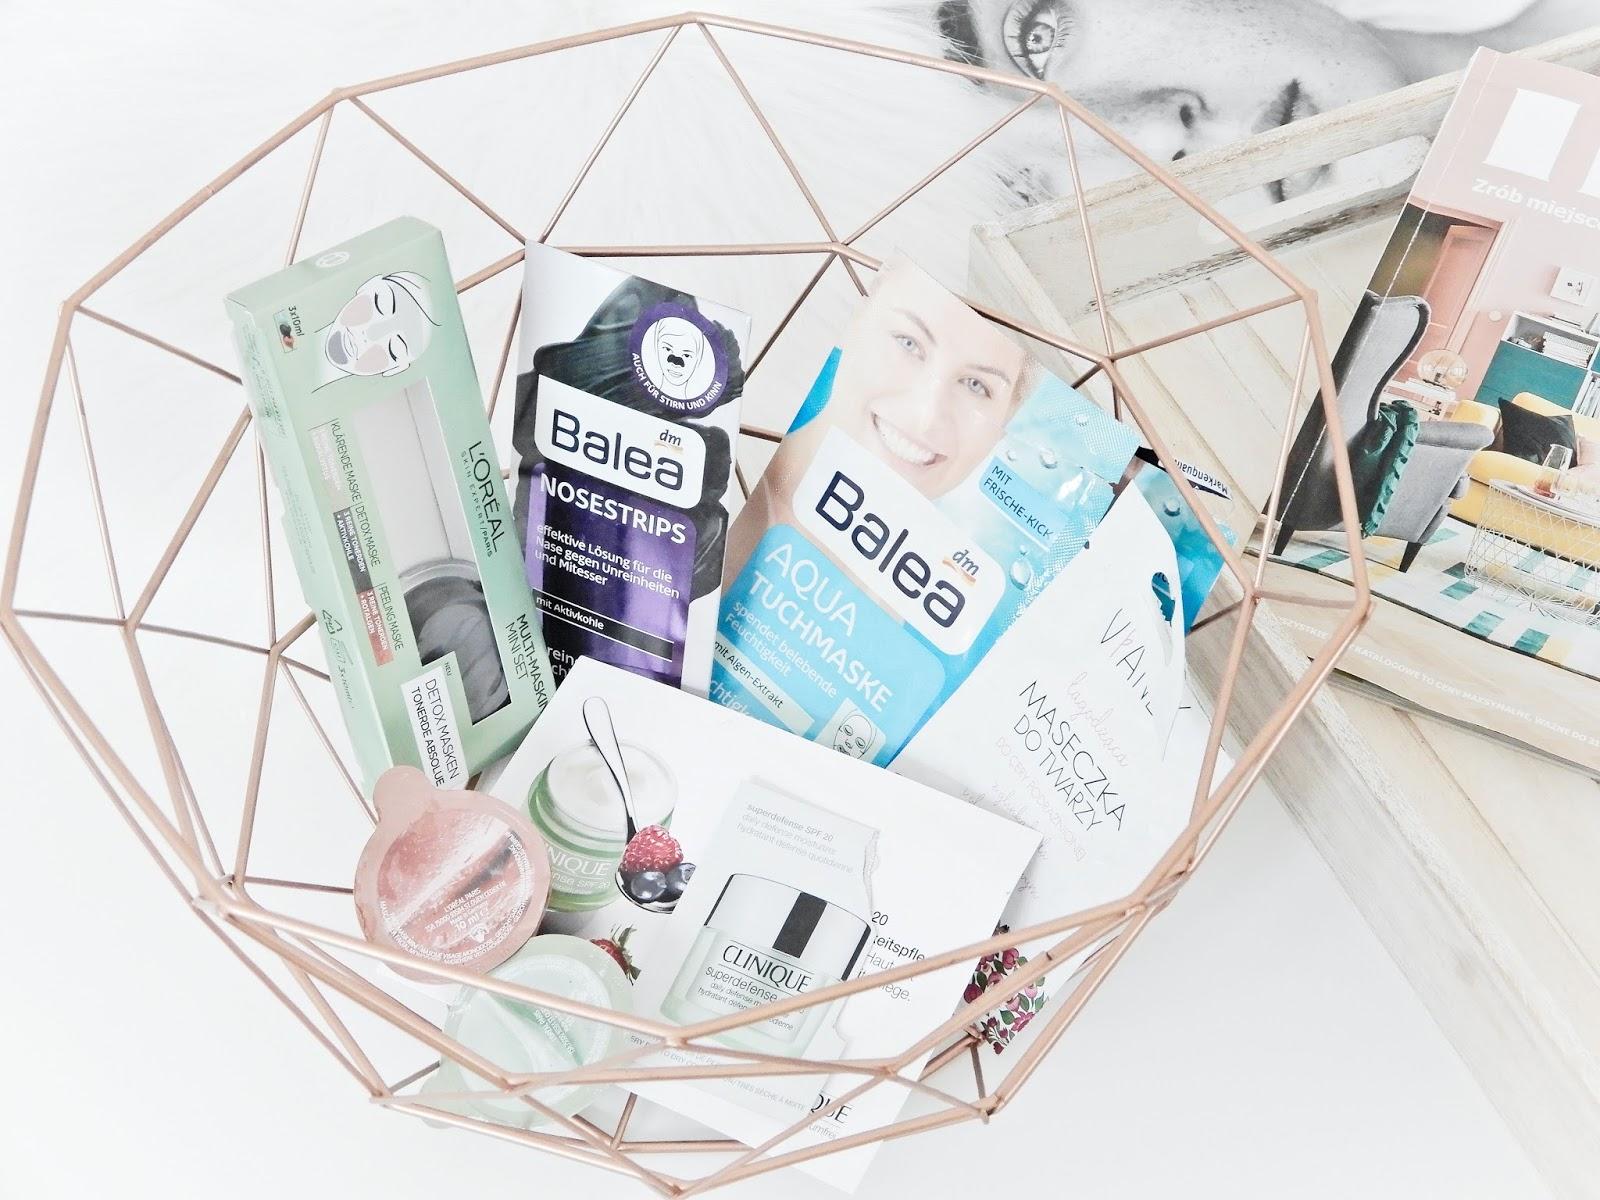 L'Oréal Detox Masken Multi-Masking Mini Set, Plastry na nos z węglem Balea, Balea Aqua Tuchmaske, Vianek wzmacniająca maseczka do twarzy z czarowną glinką,